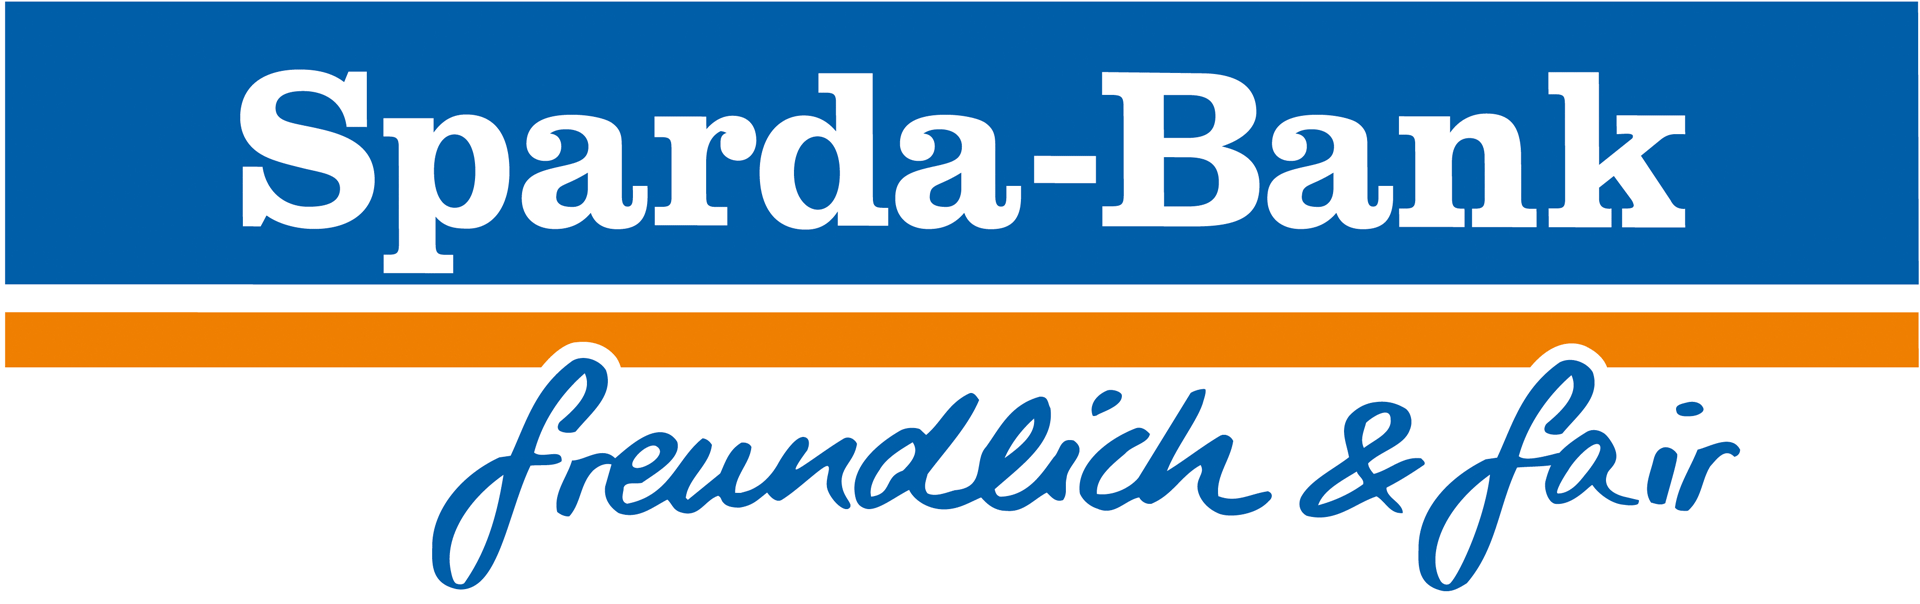 Sparda Bank Linz Online